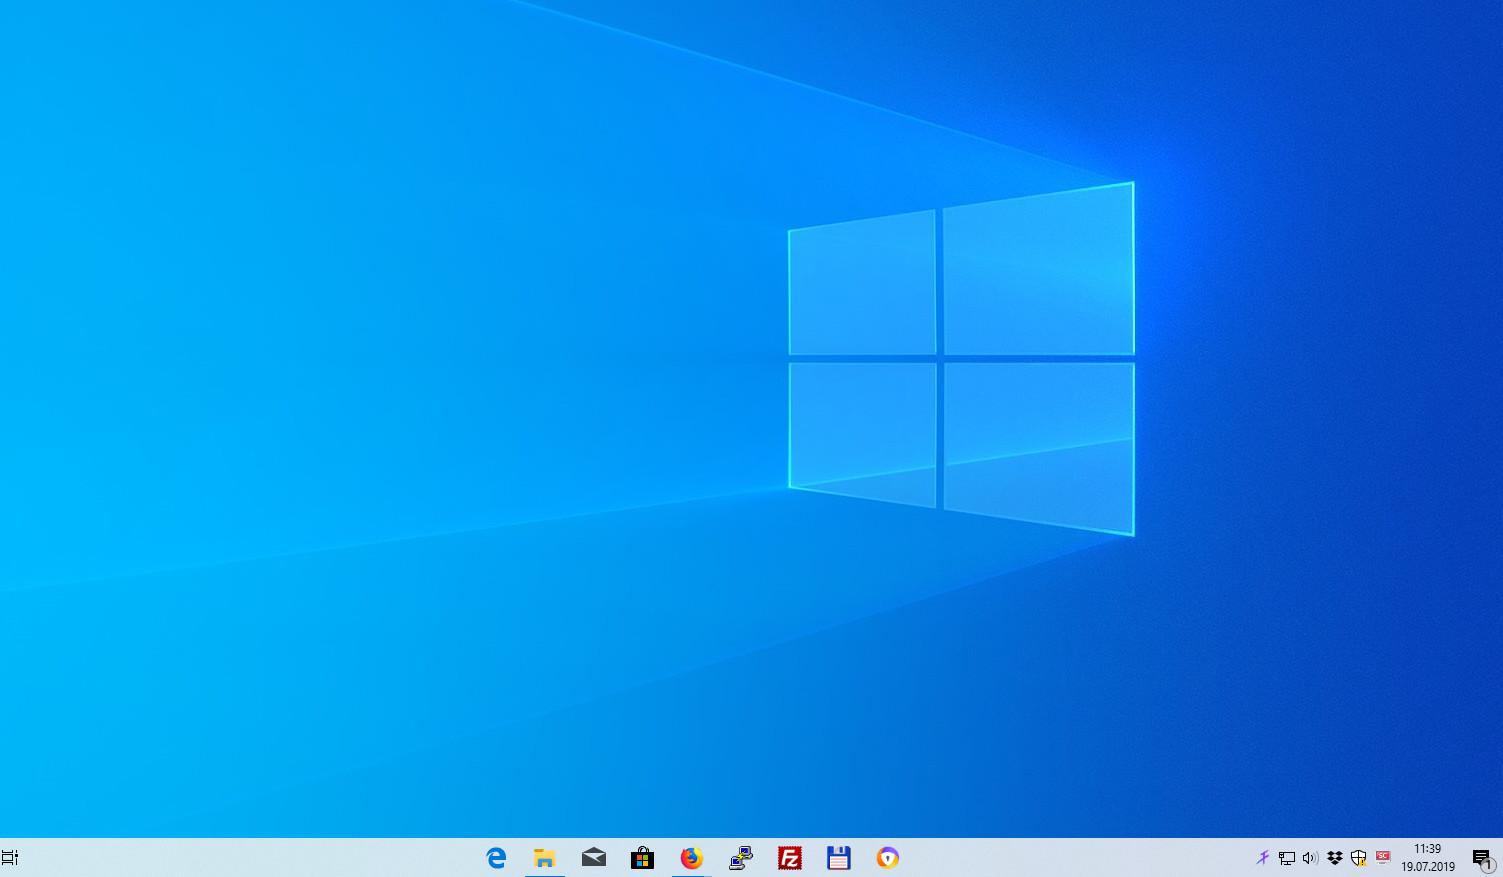 Screenshot 1 - FalconX